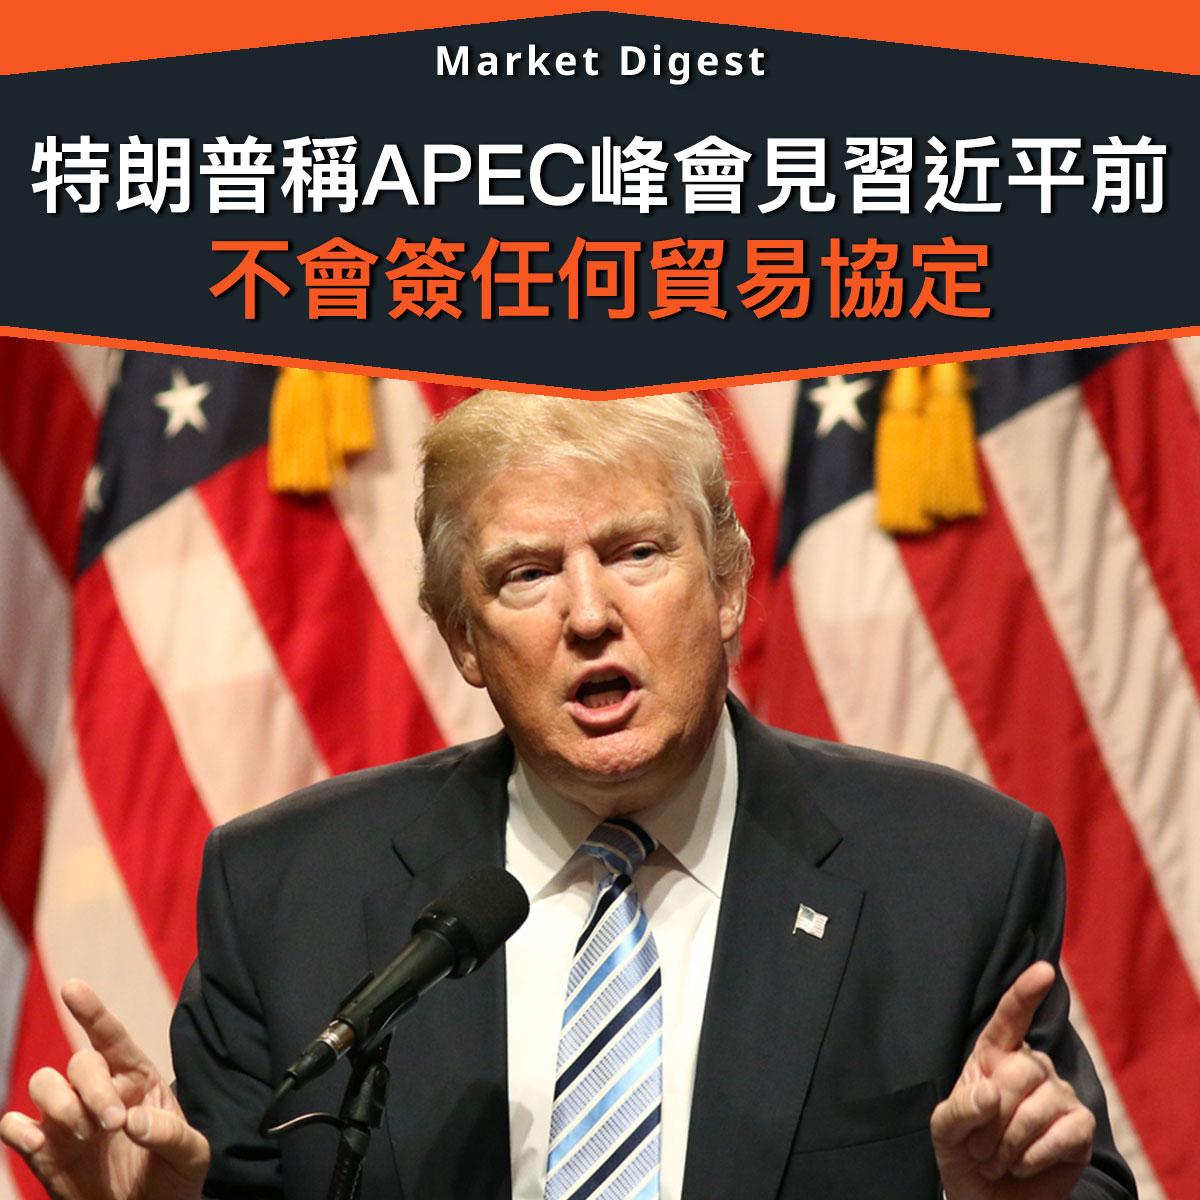 【市場熱話】特朗普稱APEC峰會見習近平前 不會簽任何貿易協定